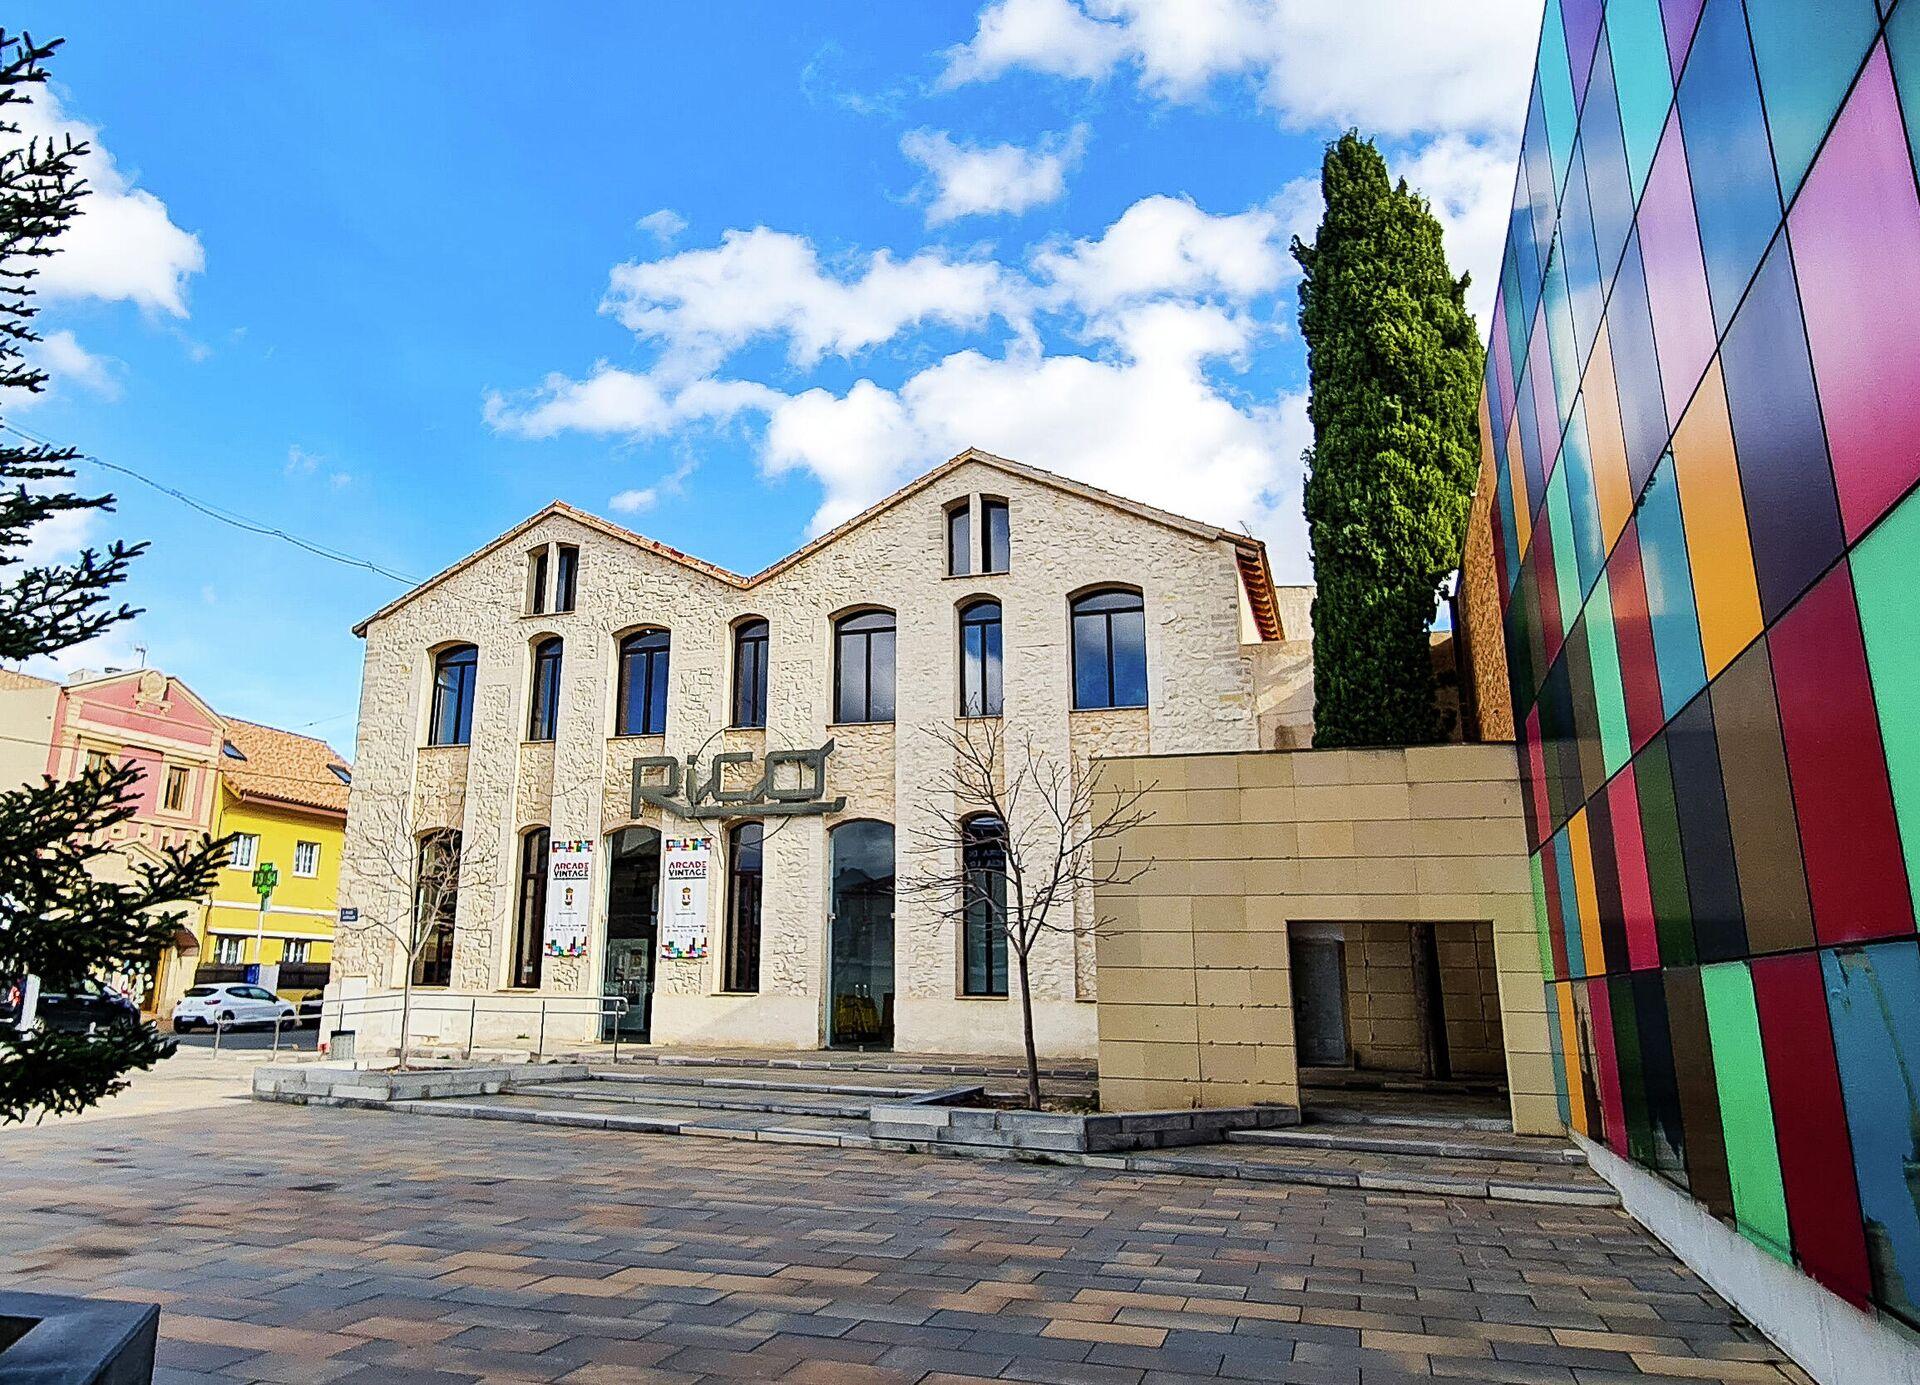 Edificio de la antigua fábrica de juguetes que alberga ahora el Arcade Vintage, museo del videojuego en la localidad alicantina de Ibi, en España - Sputnik Mundo, 1920, 30.08.2021